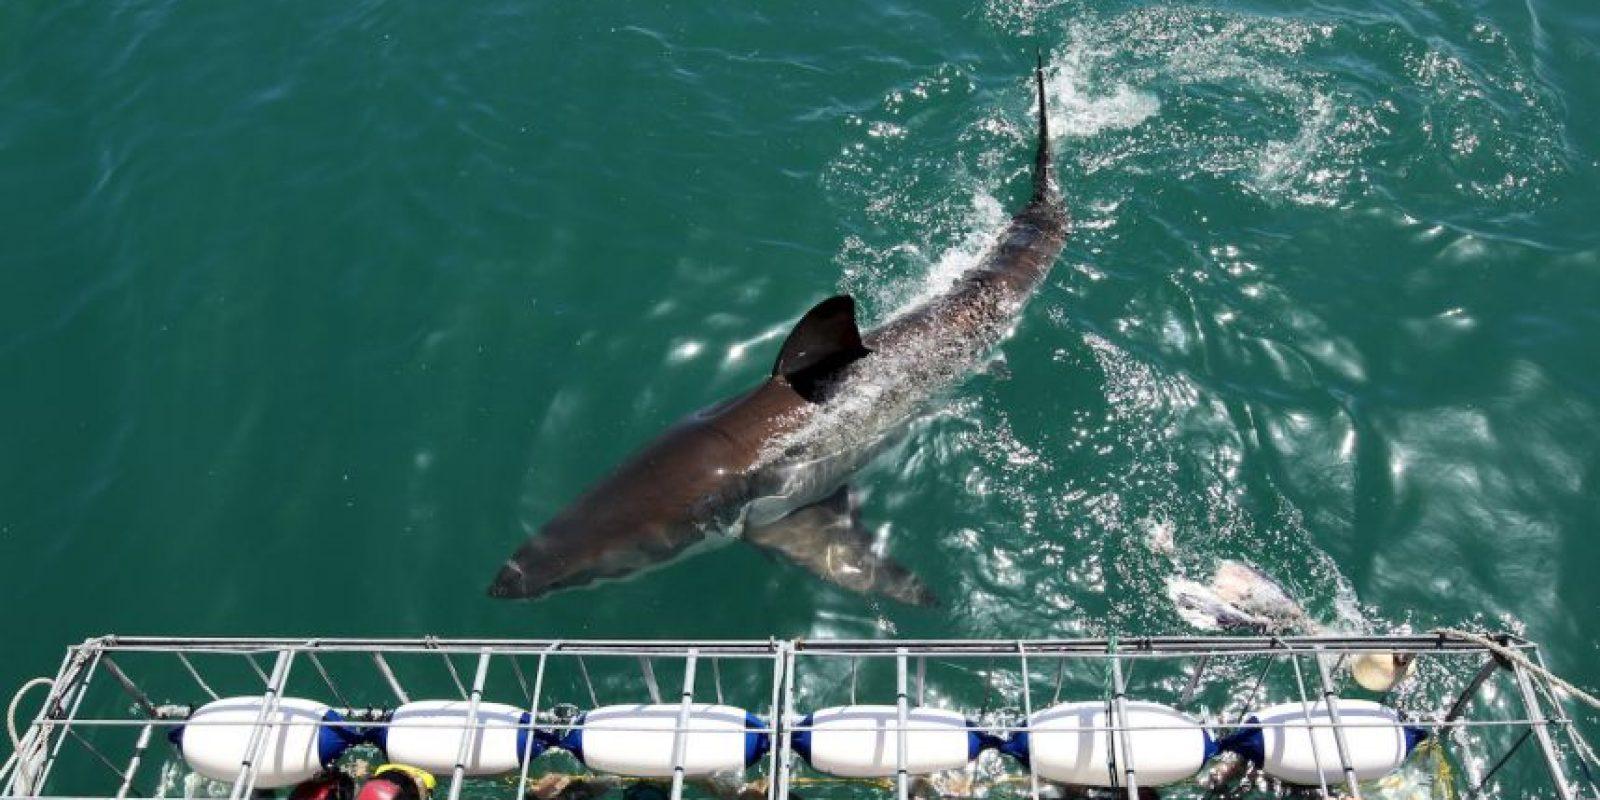 El buceo con tiburones en jaula está causando molestia a la gente que cree que estos animales asocia a los seres humanos como alimento. Foto:Getty Images